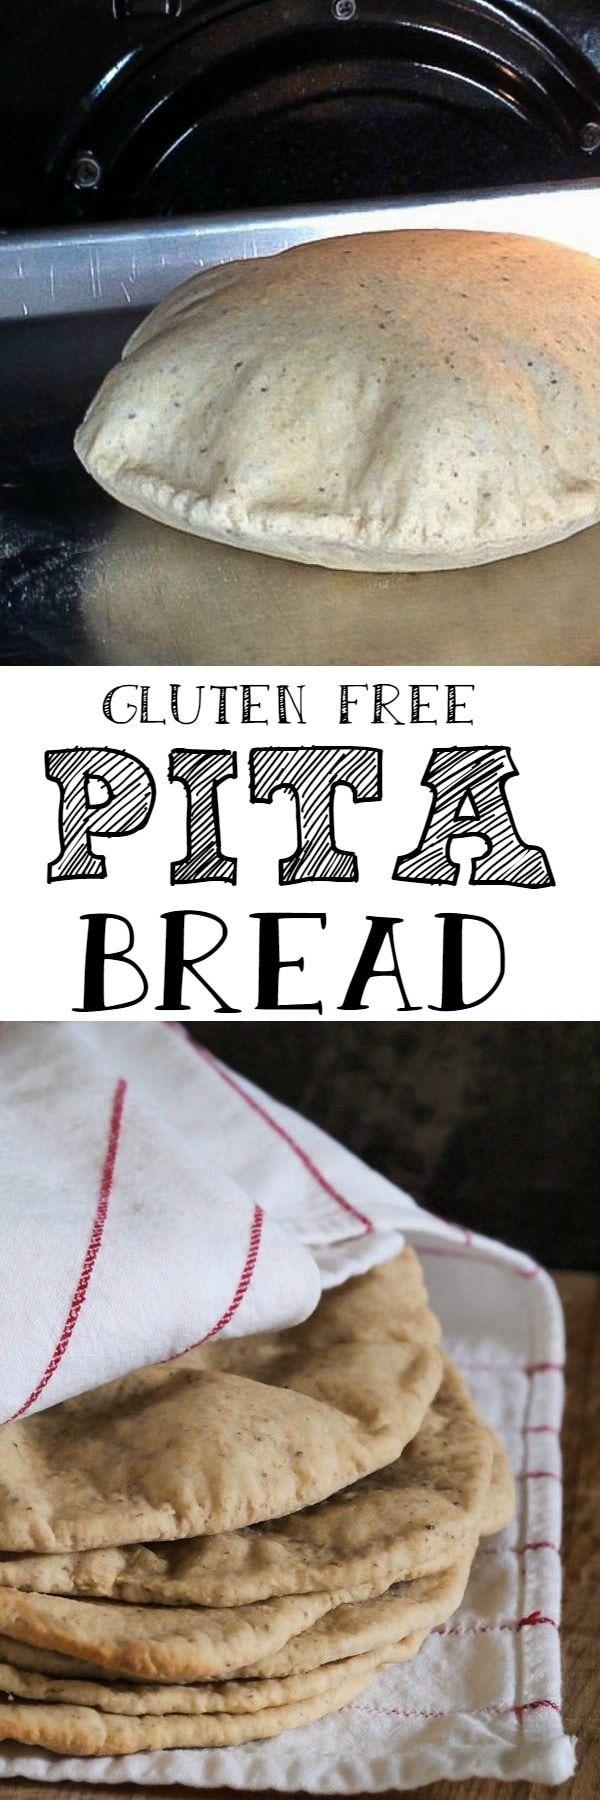 Gluten Free Pita Bread - substitute potato starch for possibly tapioca Starch in recipe